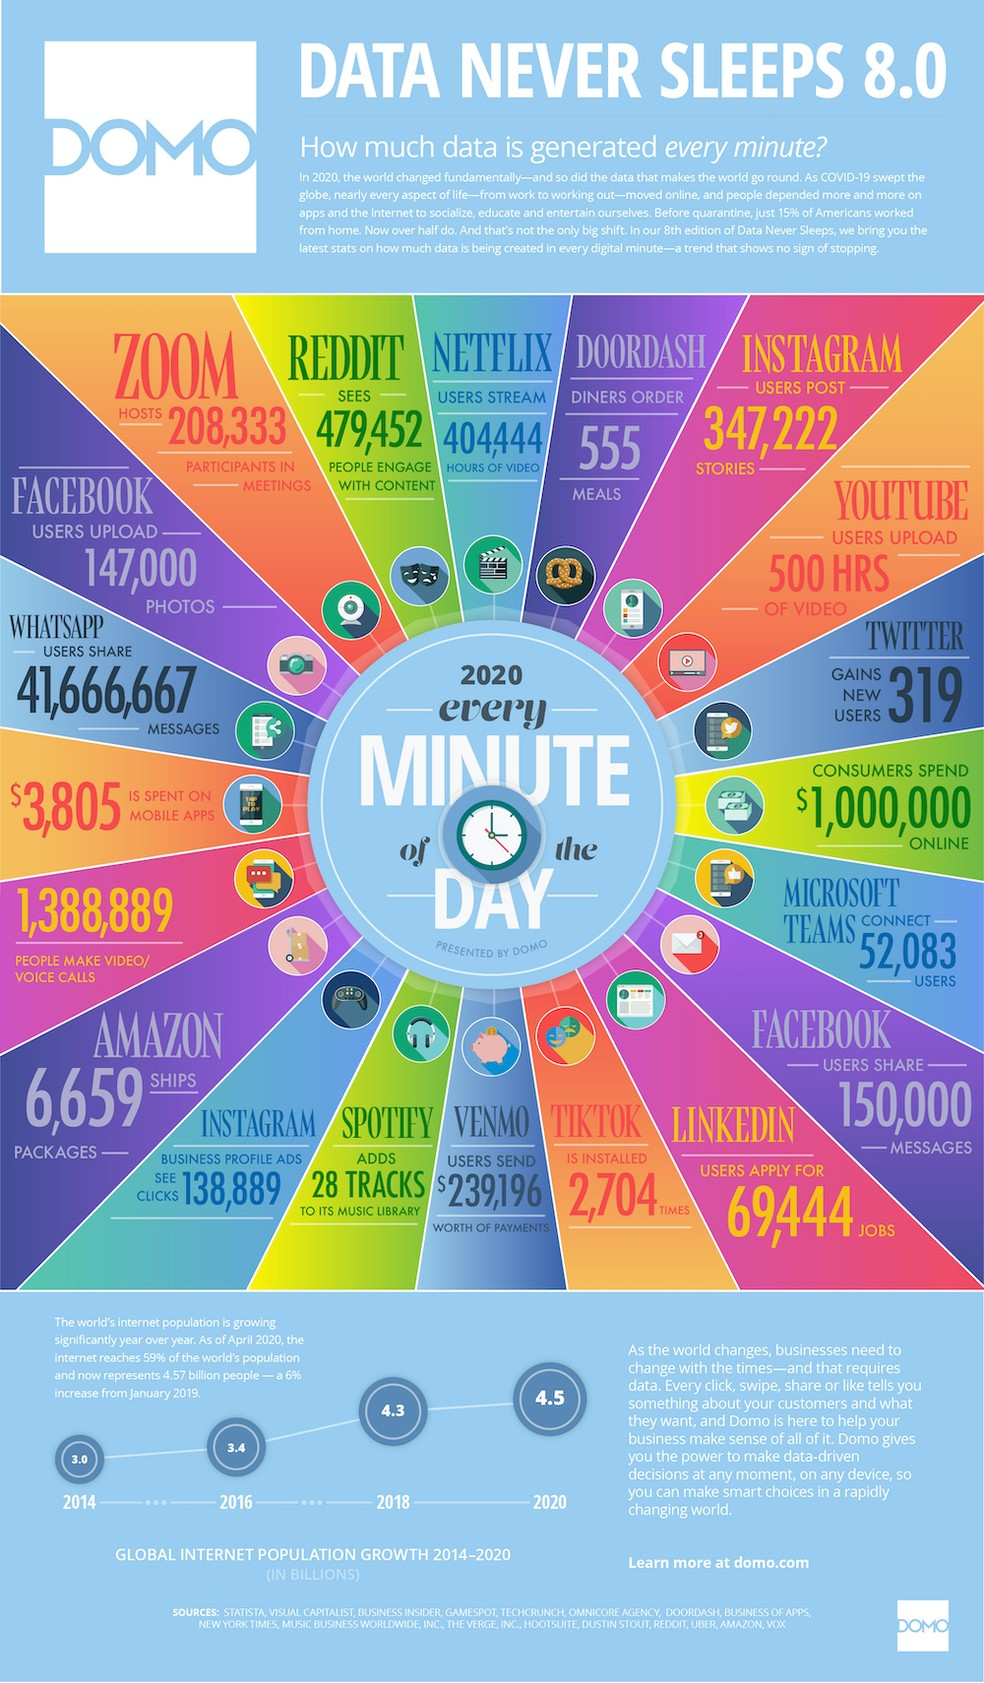 Data Never Sleeps mostra o volume de dados consumidos na Internet a cada minuto, 24 horas por dia — Foto: Divulgação/Domo